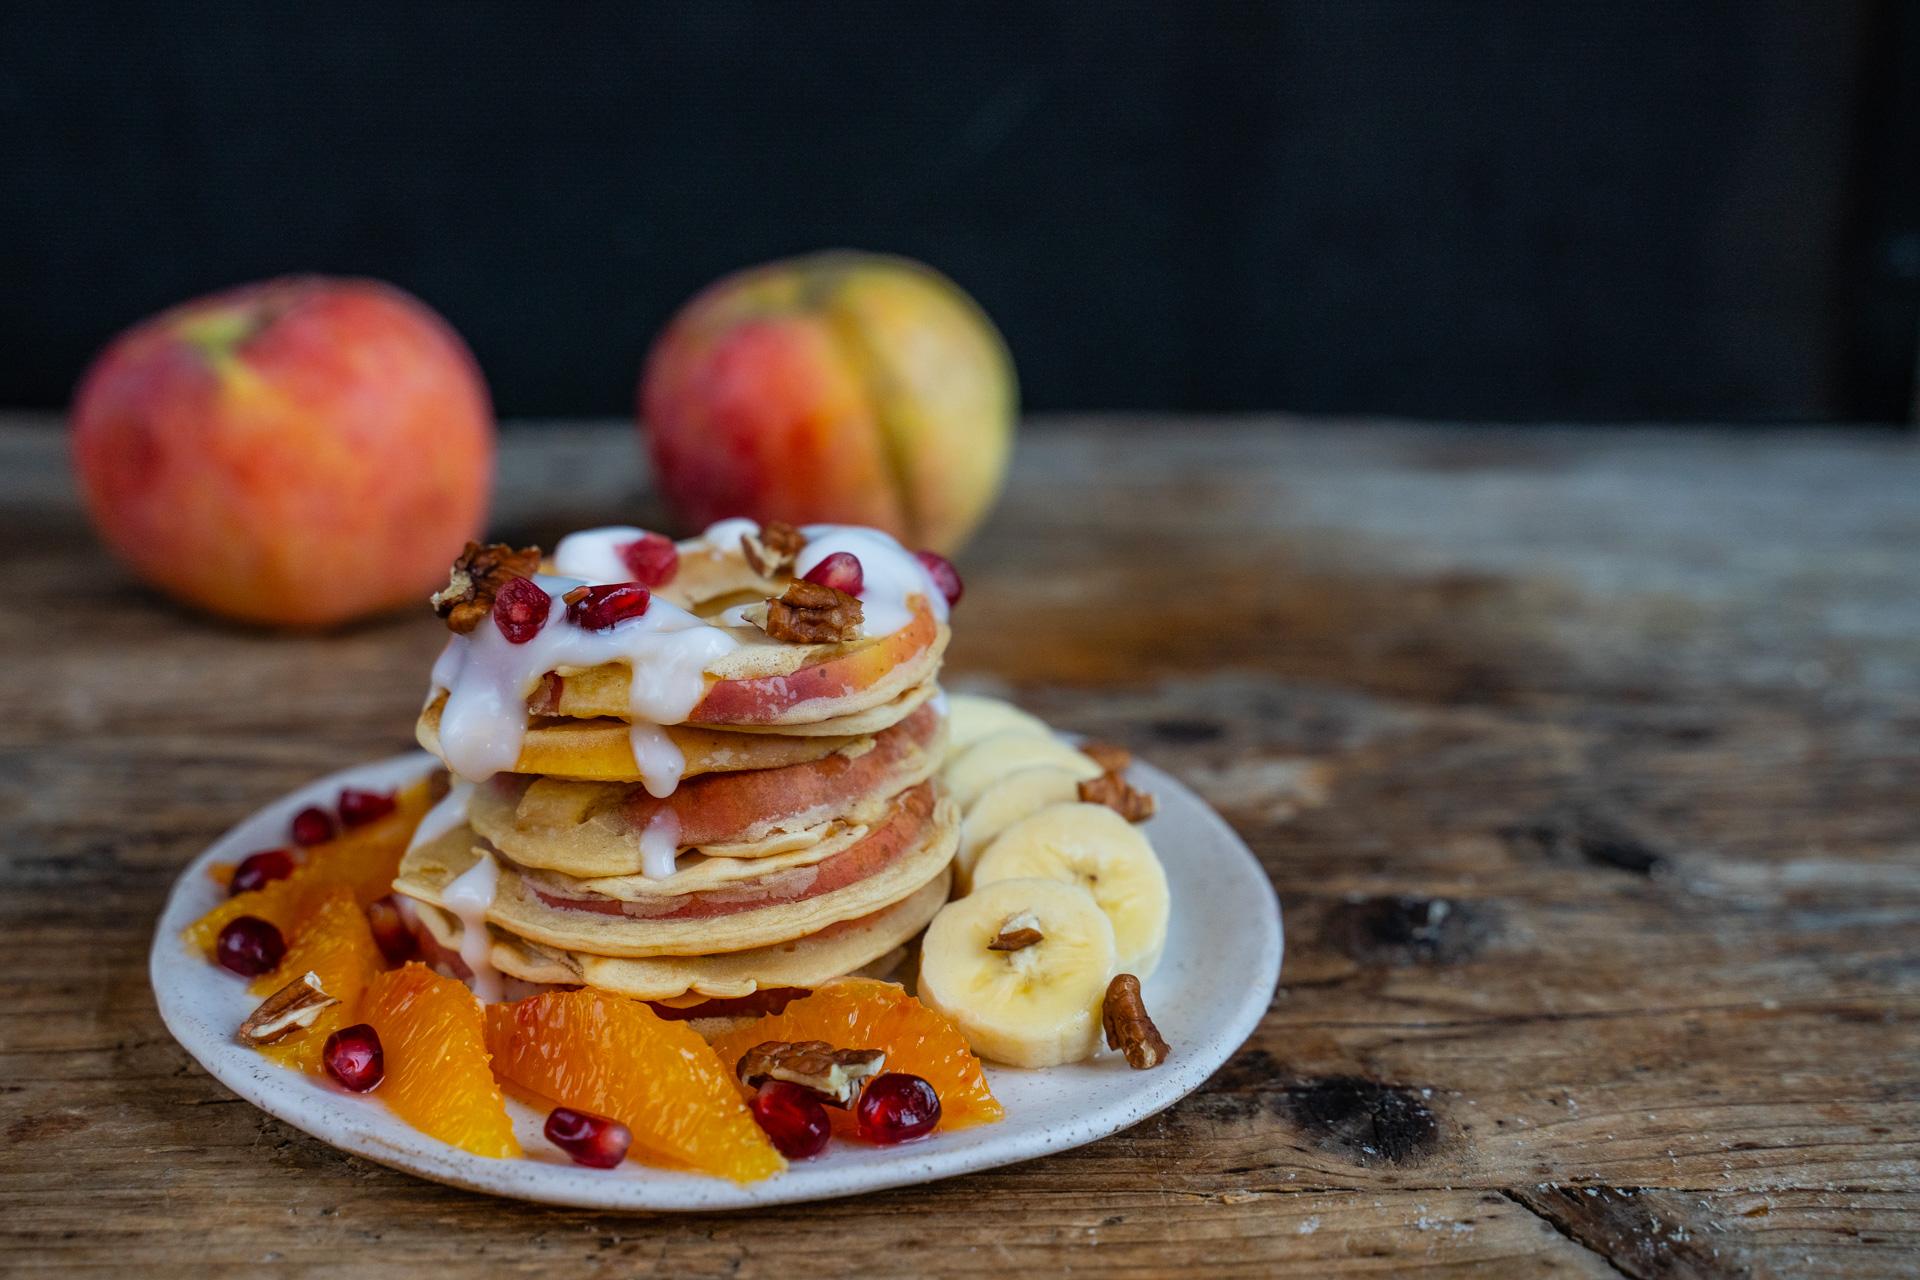 gesunde apfelpfannkuchen vegan rezept öpfelchüechli mrs